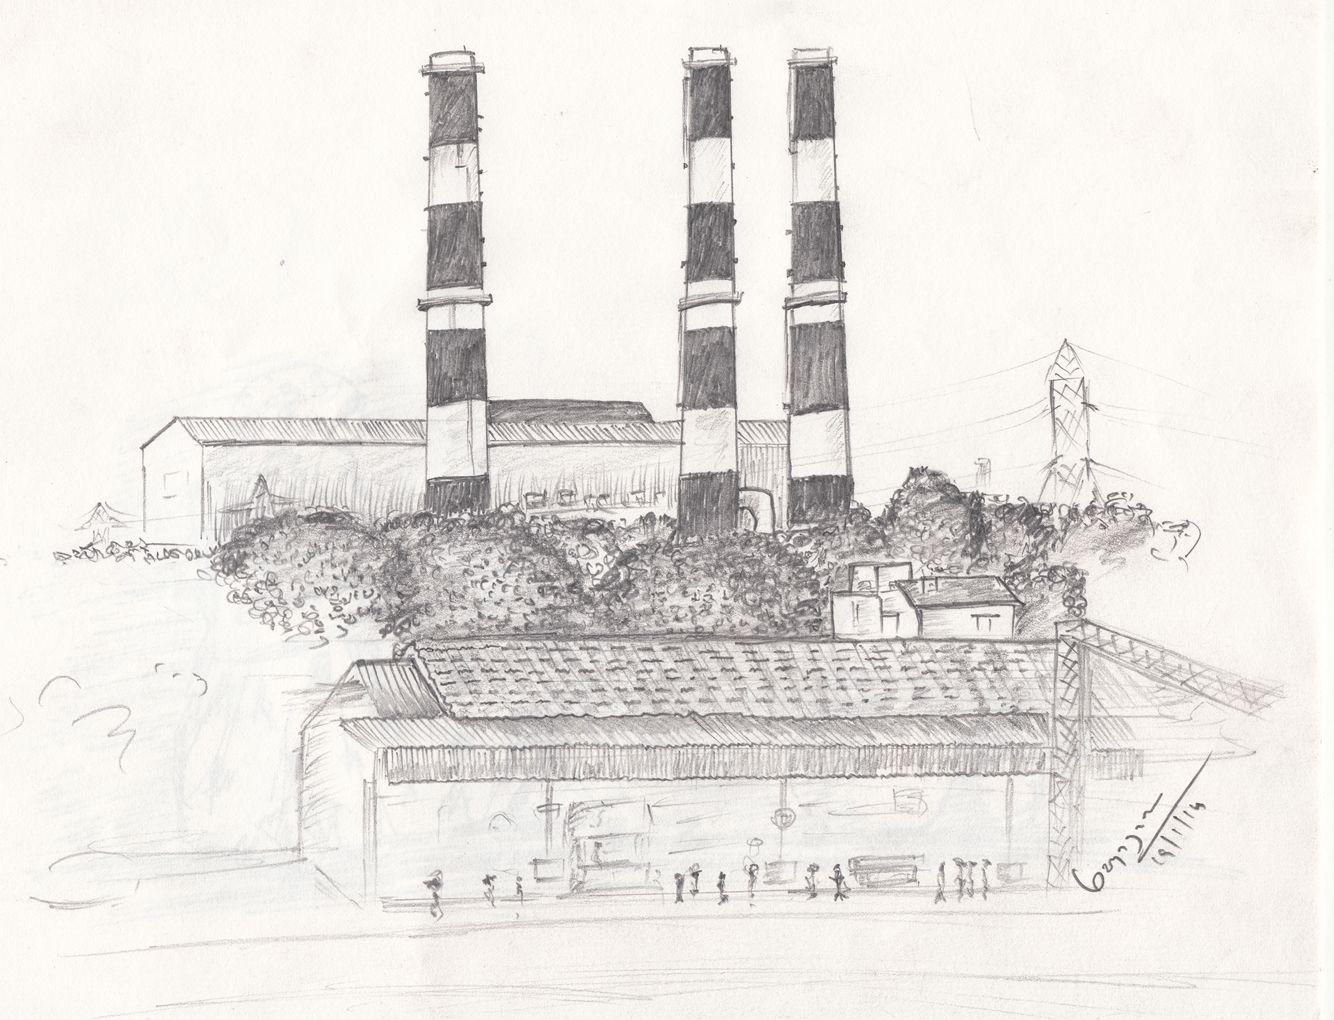 Pencil sketch near basin bridge railway station in chennai